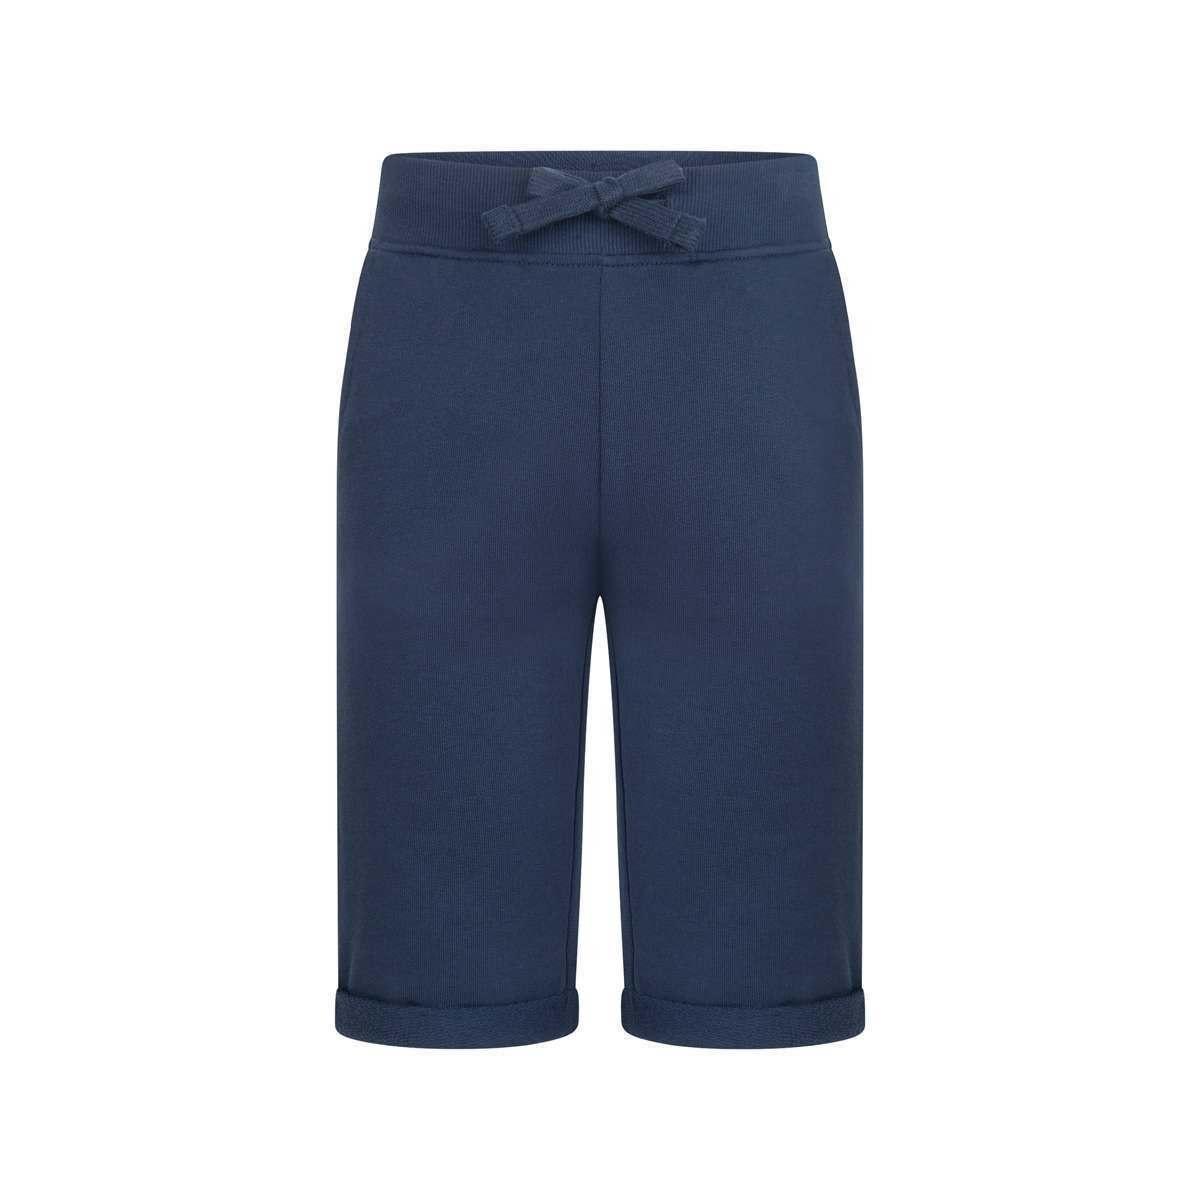 Guess Guess Boys Navy knit Shorts